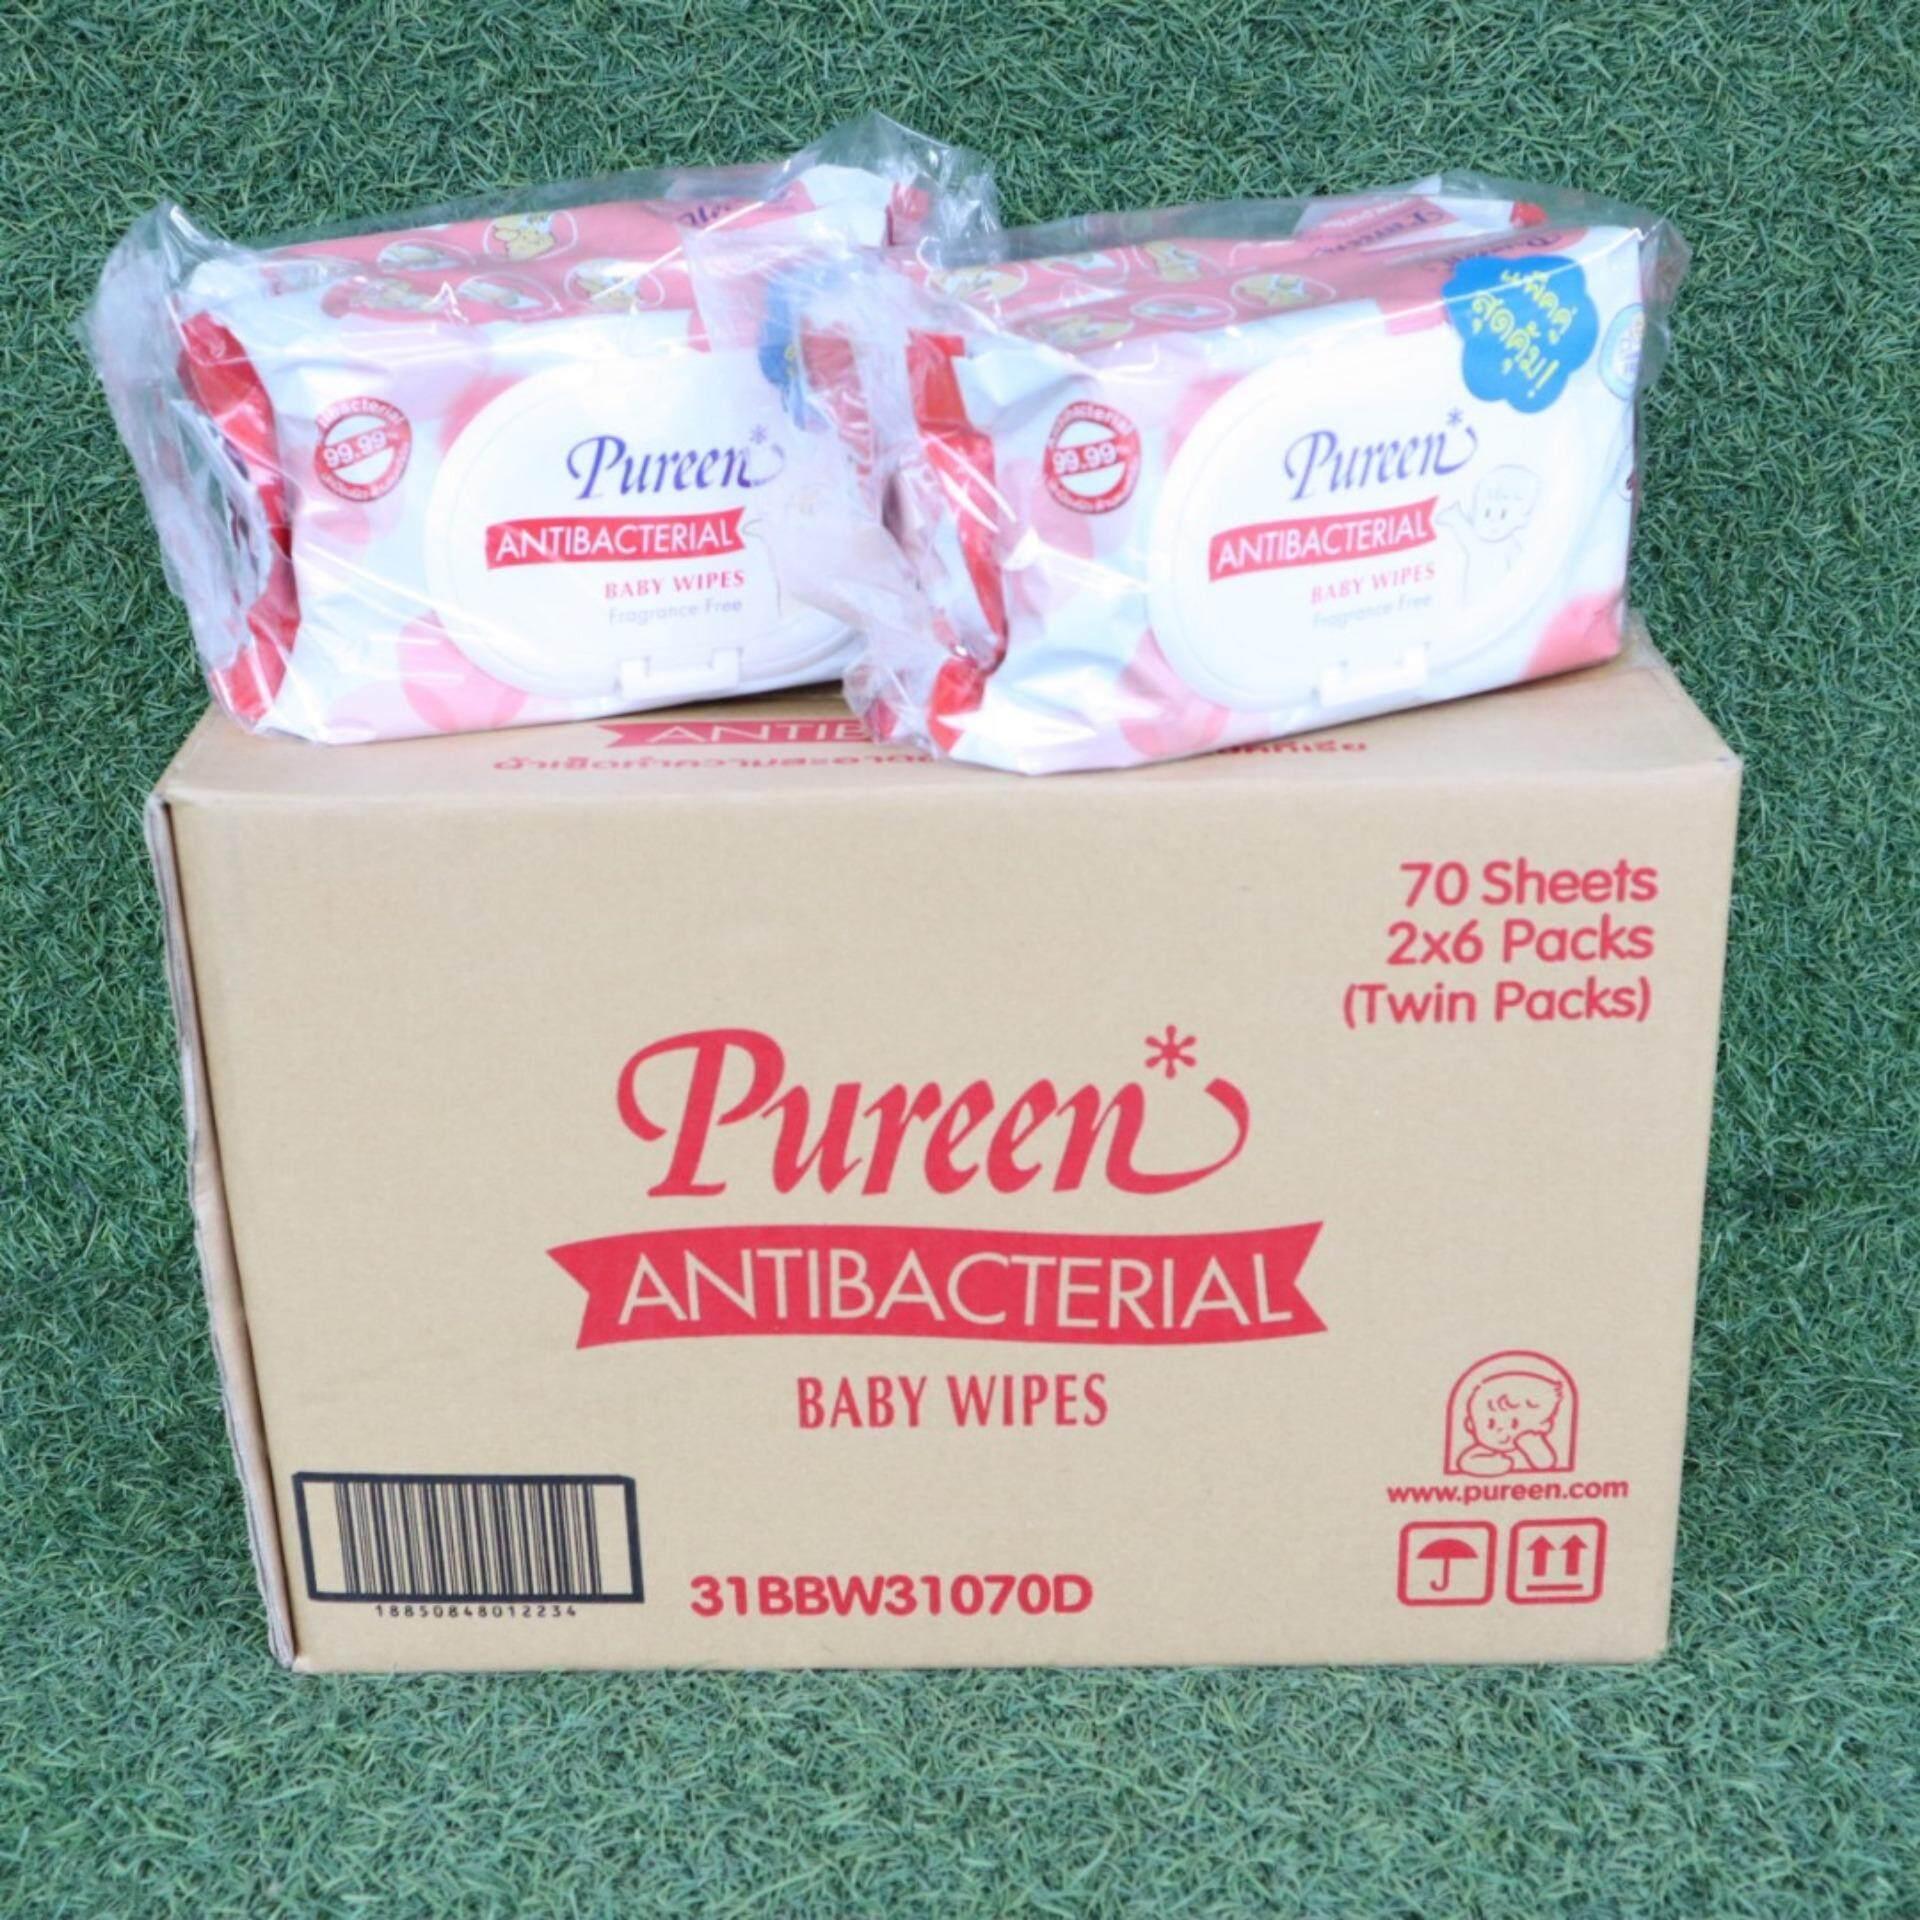 ขายยกลัง Pureen Baby Wipes ผ้าเช็ดทำความสะอาด สูตร Antibacterial 70 แผ่น ( แพ็ค 2 x 6 ) สีแดง